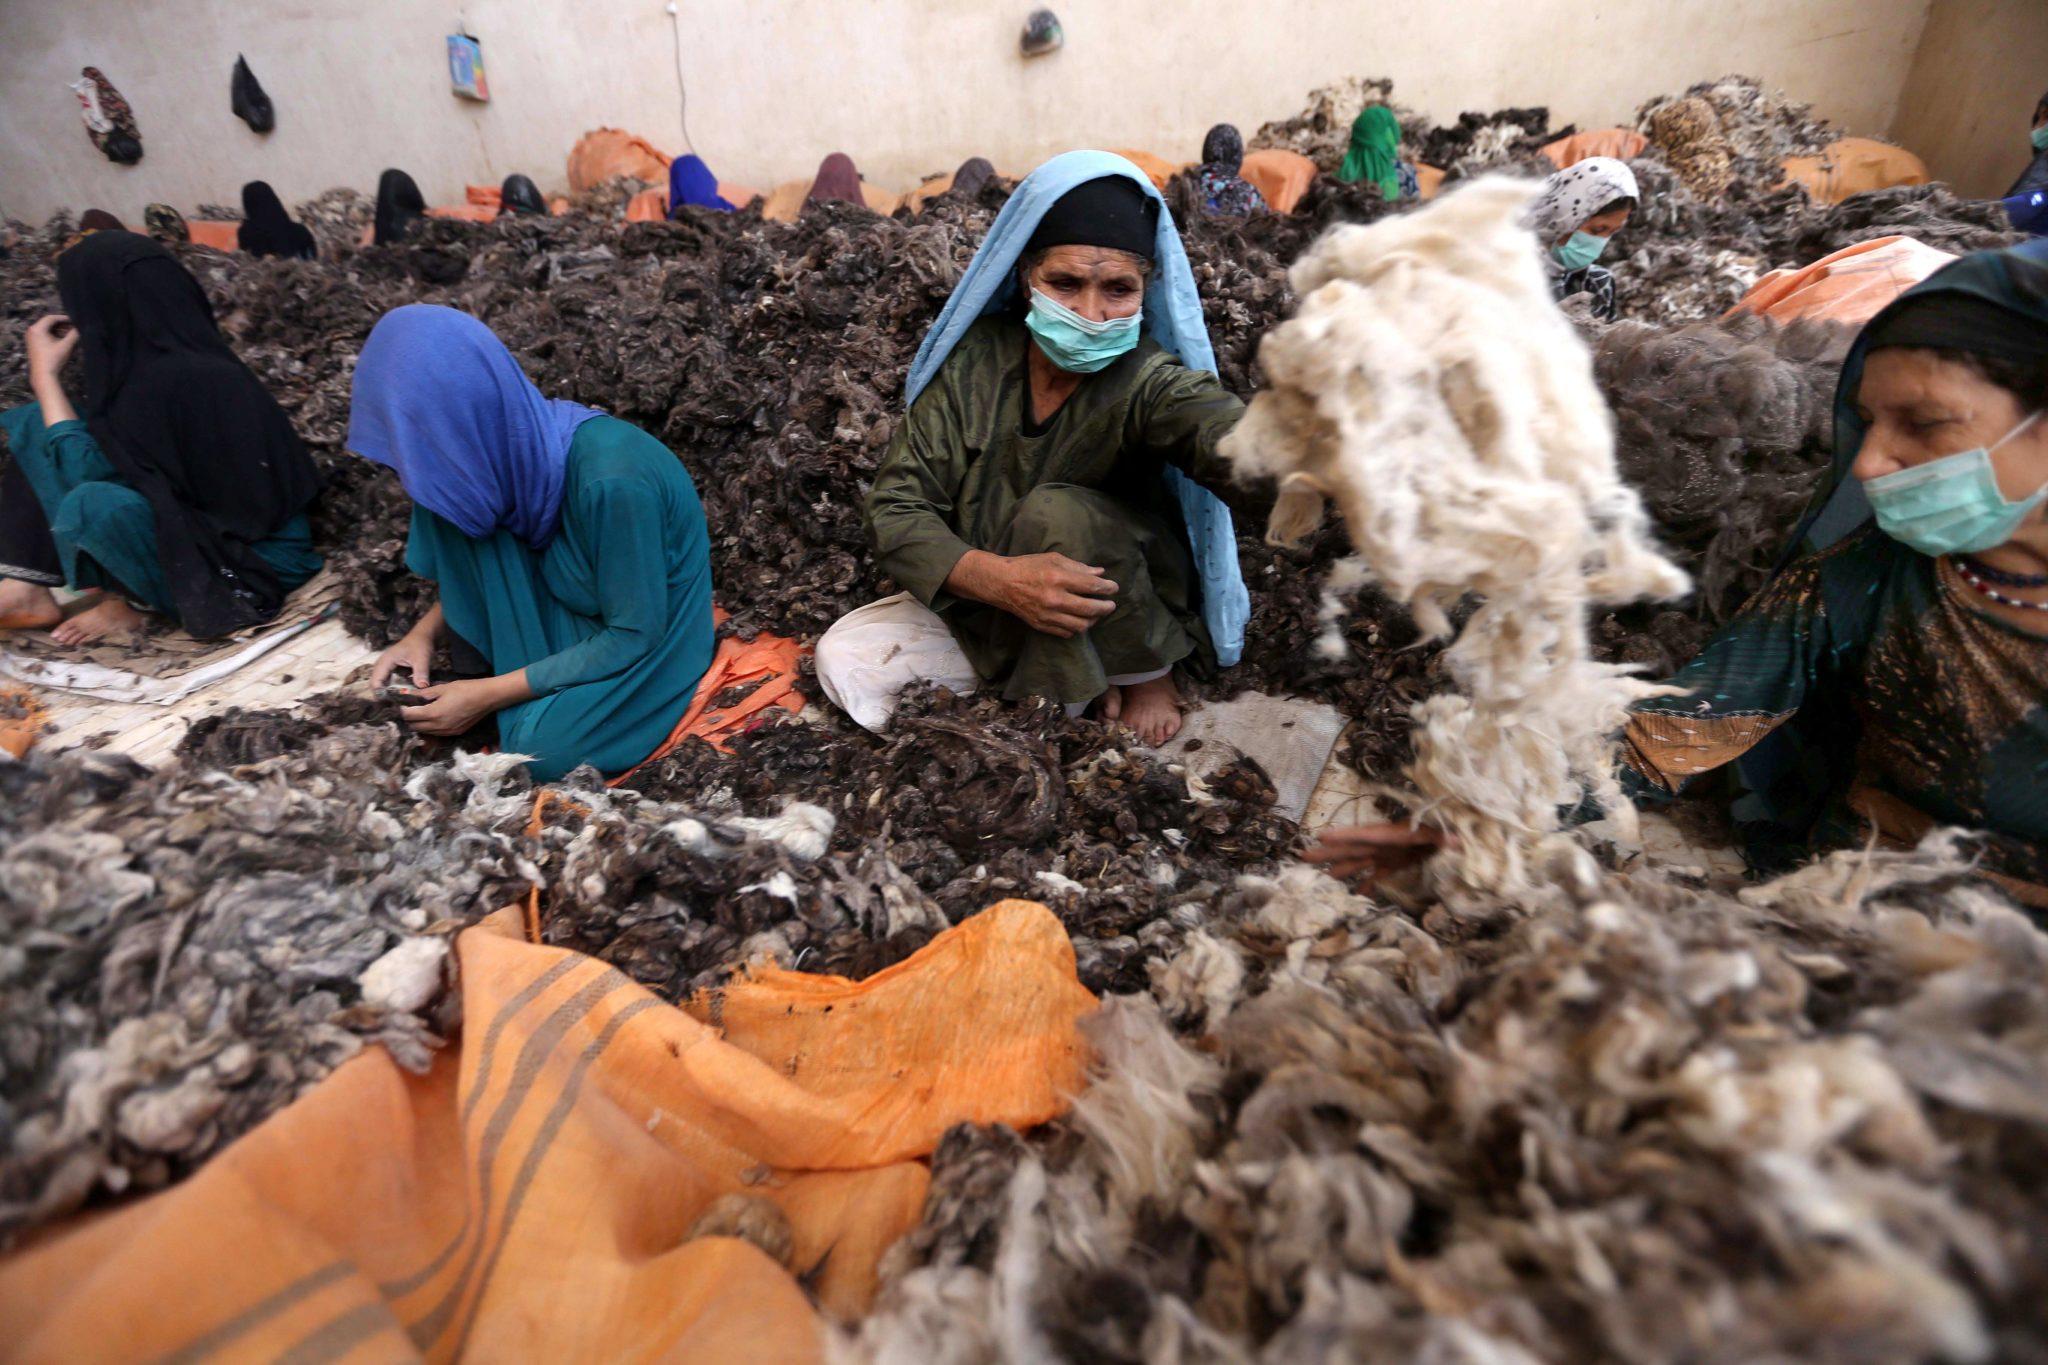 Afgańskie kobiety oddzielają futro od włosków kozich w fabryce wełny miękkiej w Afganistanie. Pracujący w tej branży zarabiają około 3 dolarów dziennie, fot: Jalil Rezayee PAP/EPA.